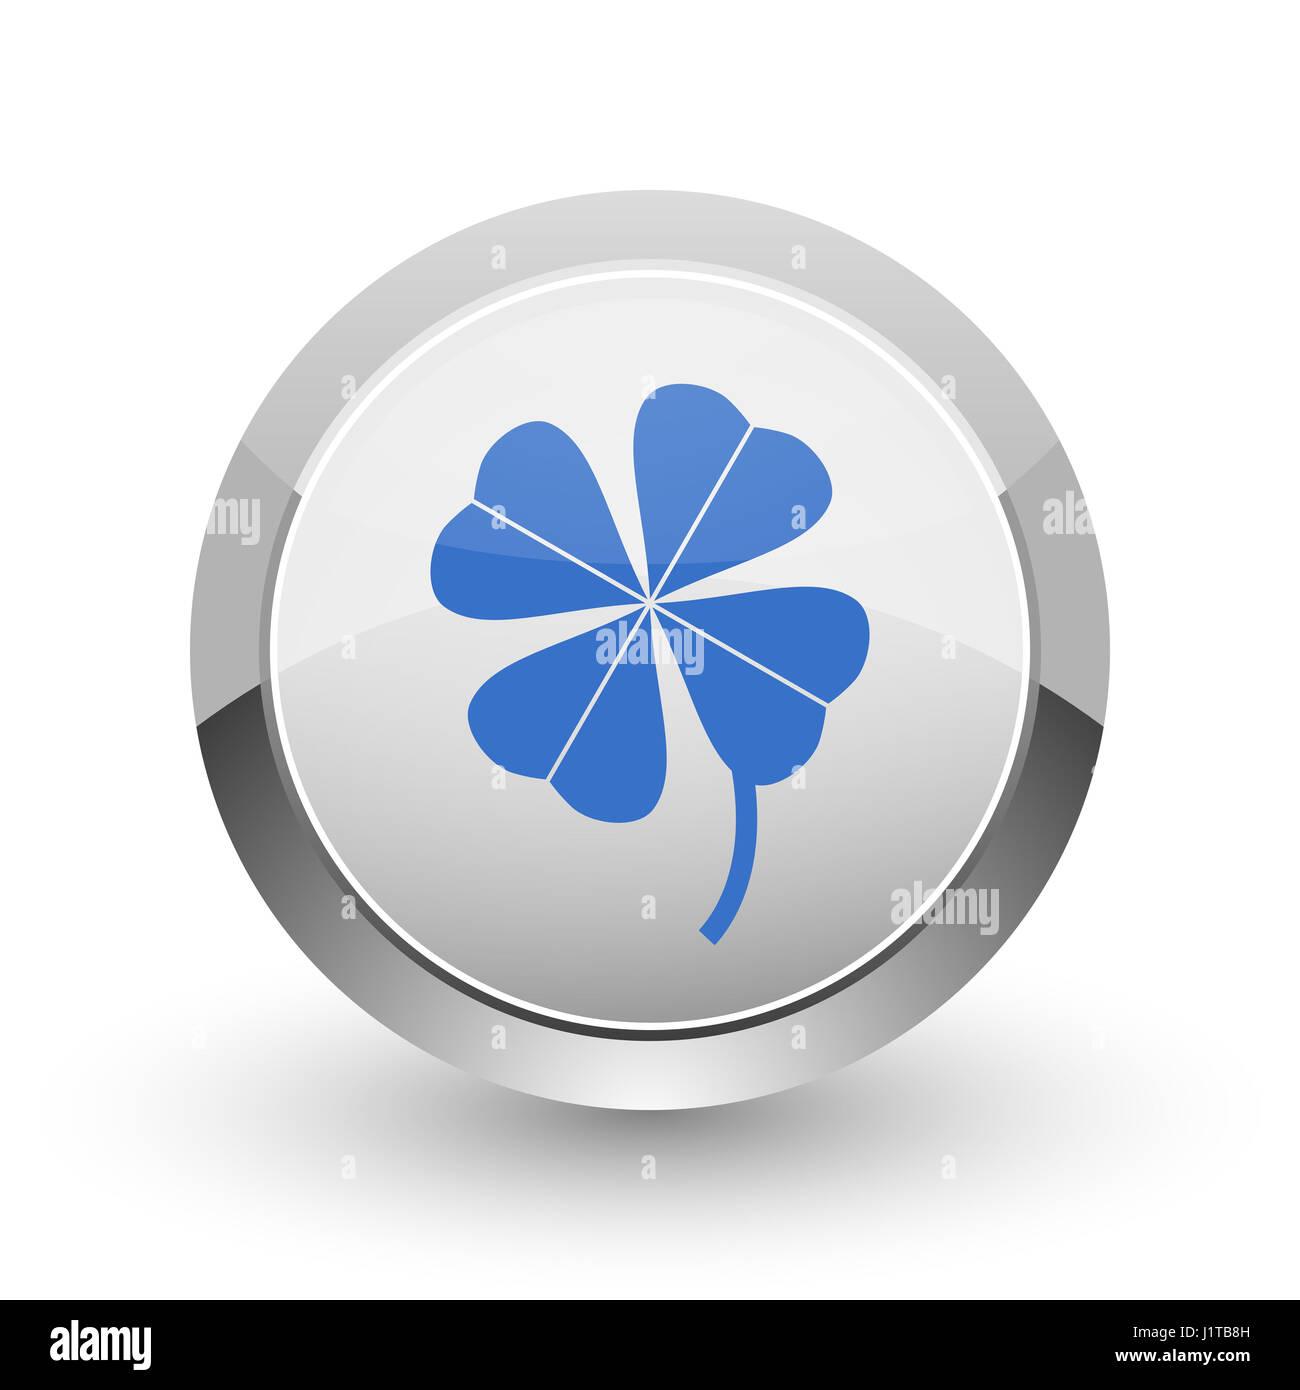 clover logo stock photos u0026 clover logo stock images alamy